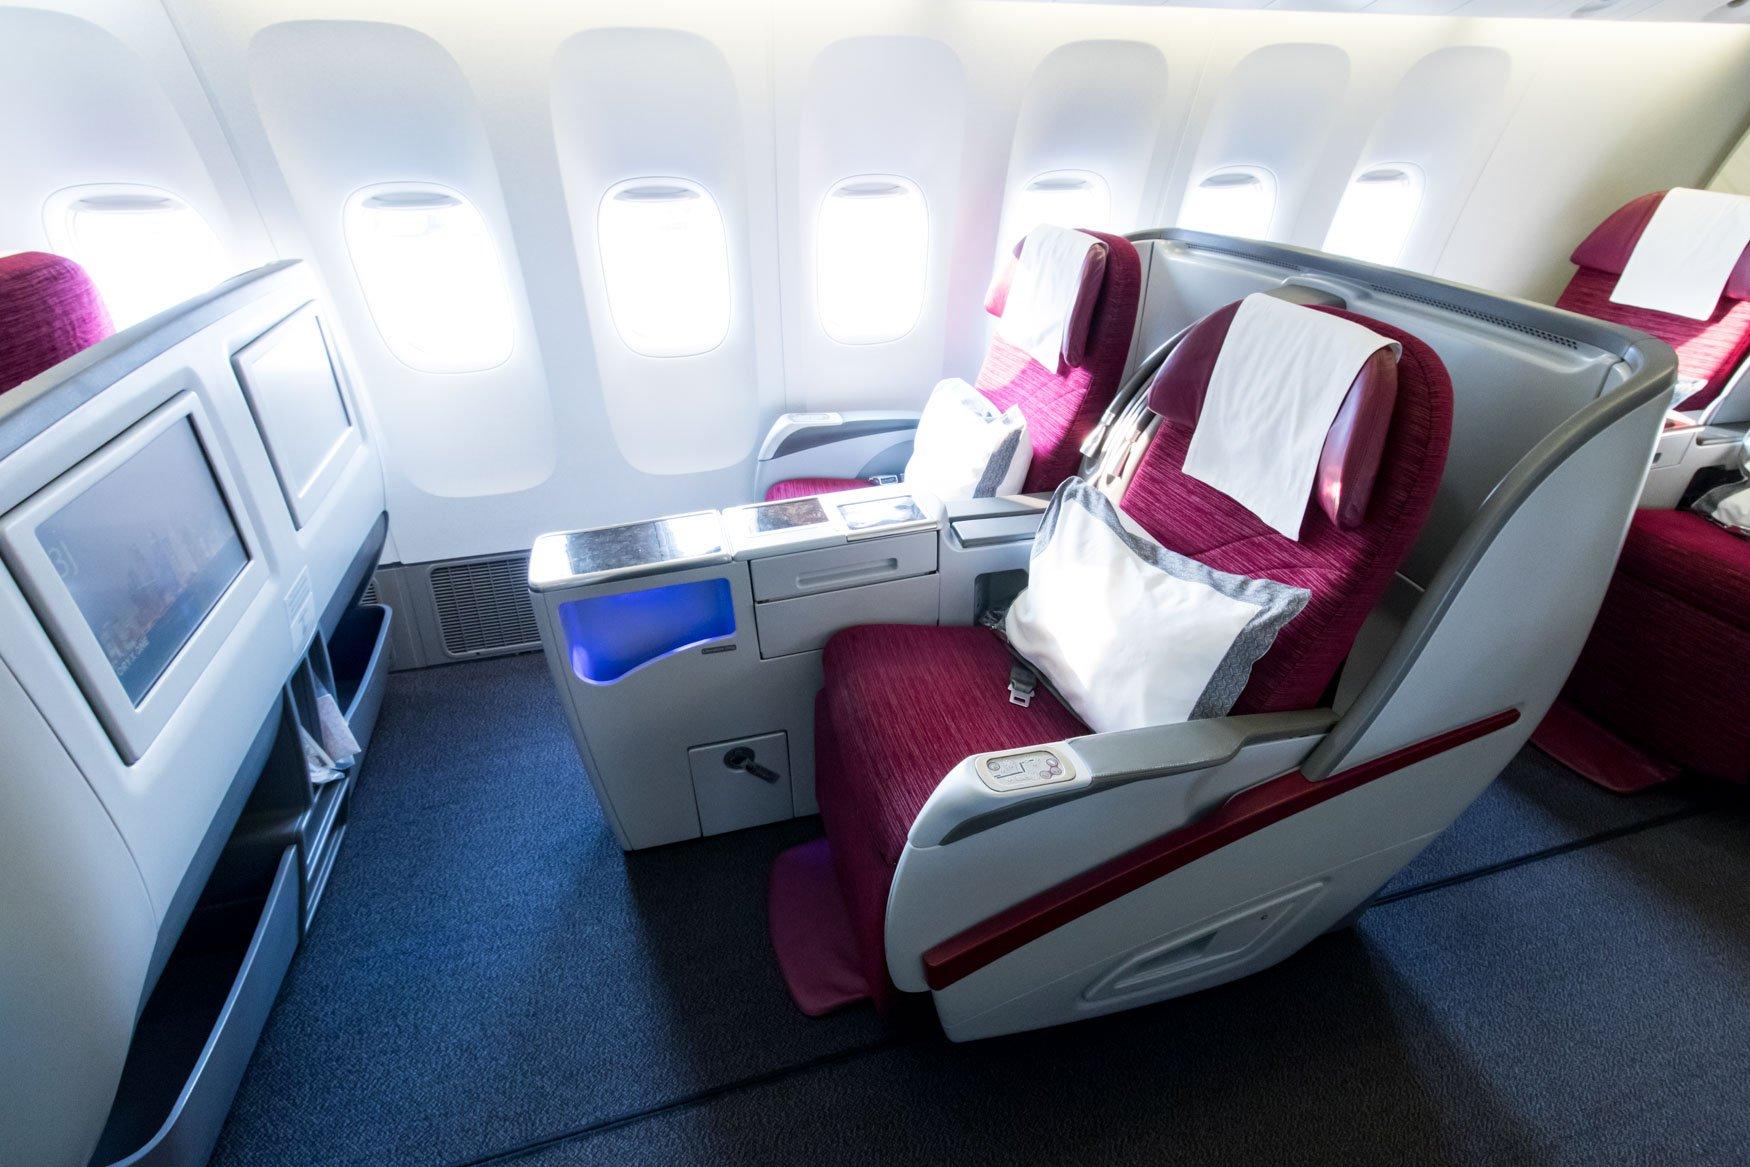 Qatar Airways Boeing 777-300ER Old-Generation Business Class Seat